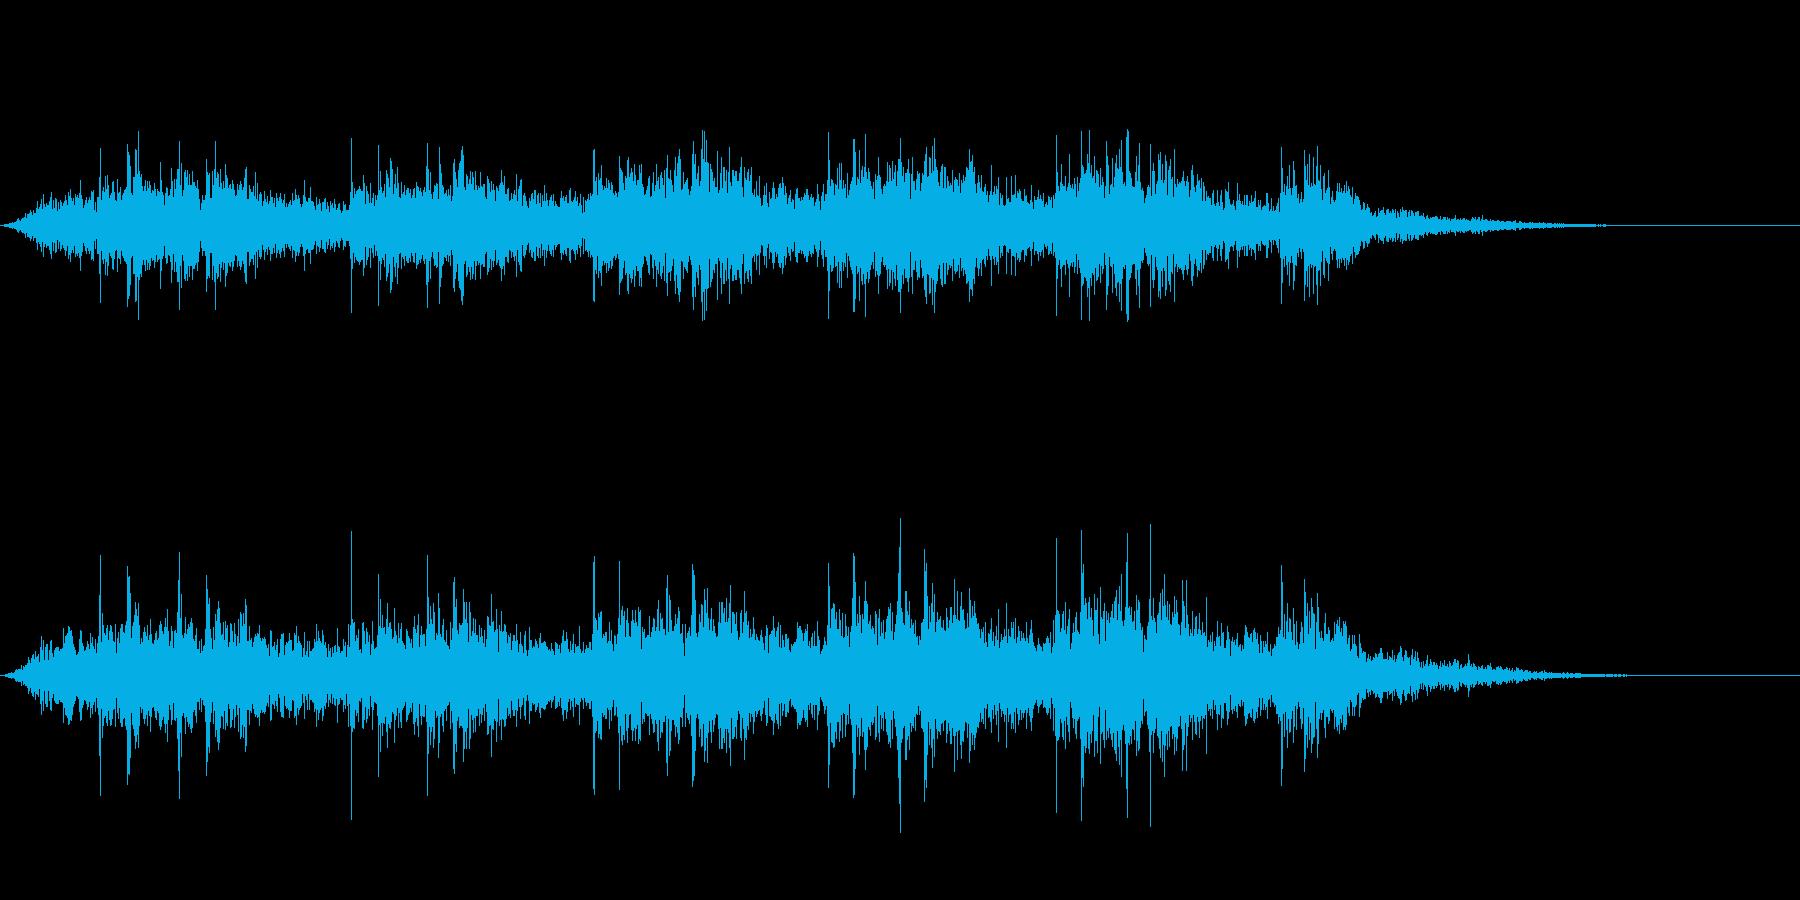 【生録音】 早朝の街 電車 環境音 22の再生済みの波形